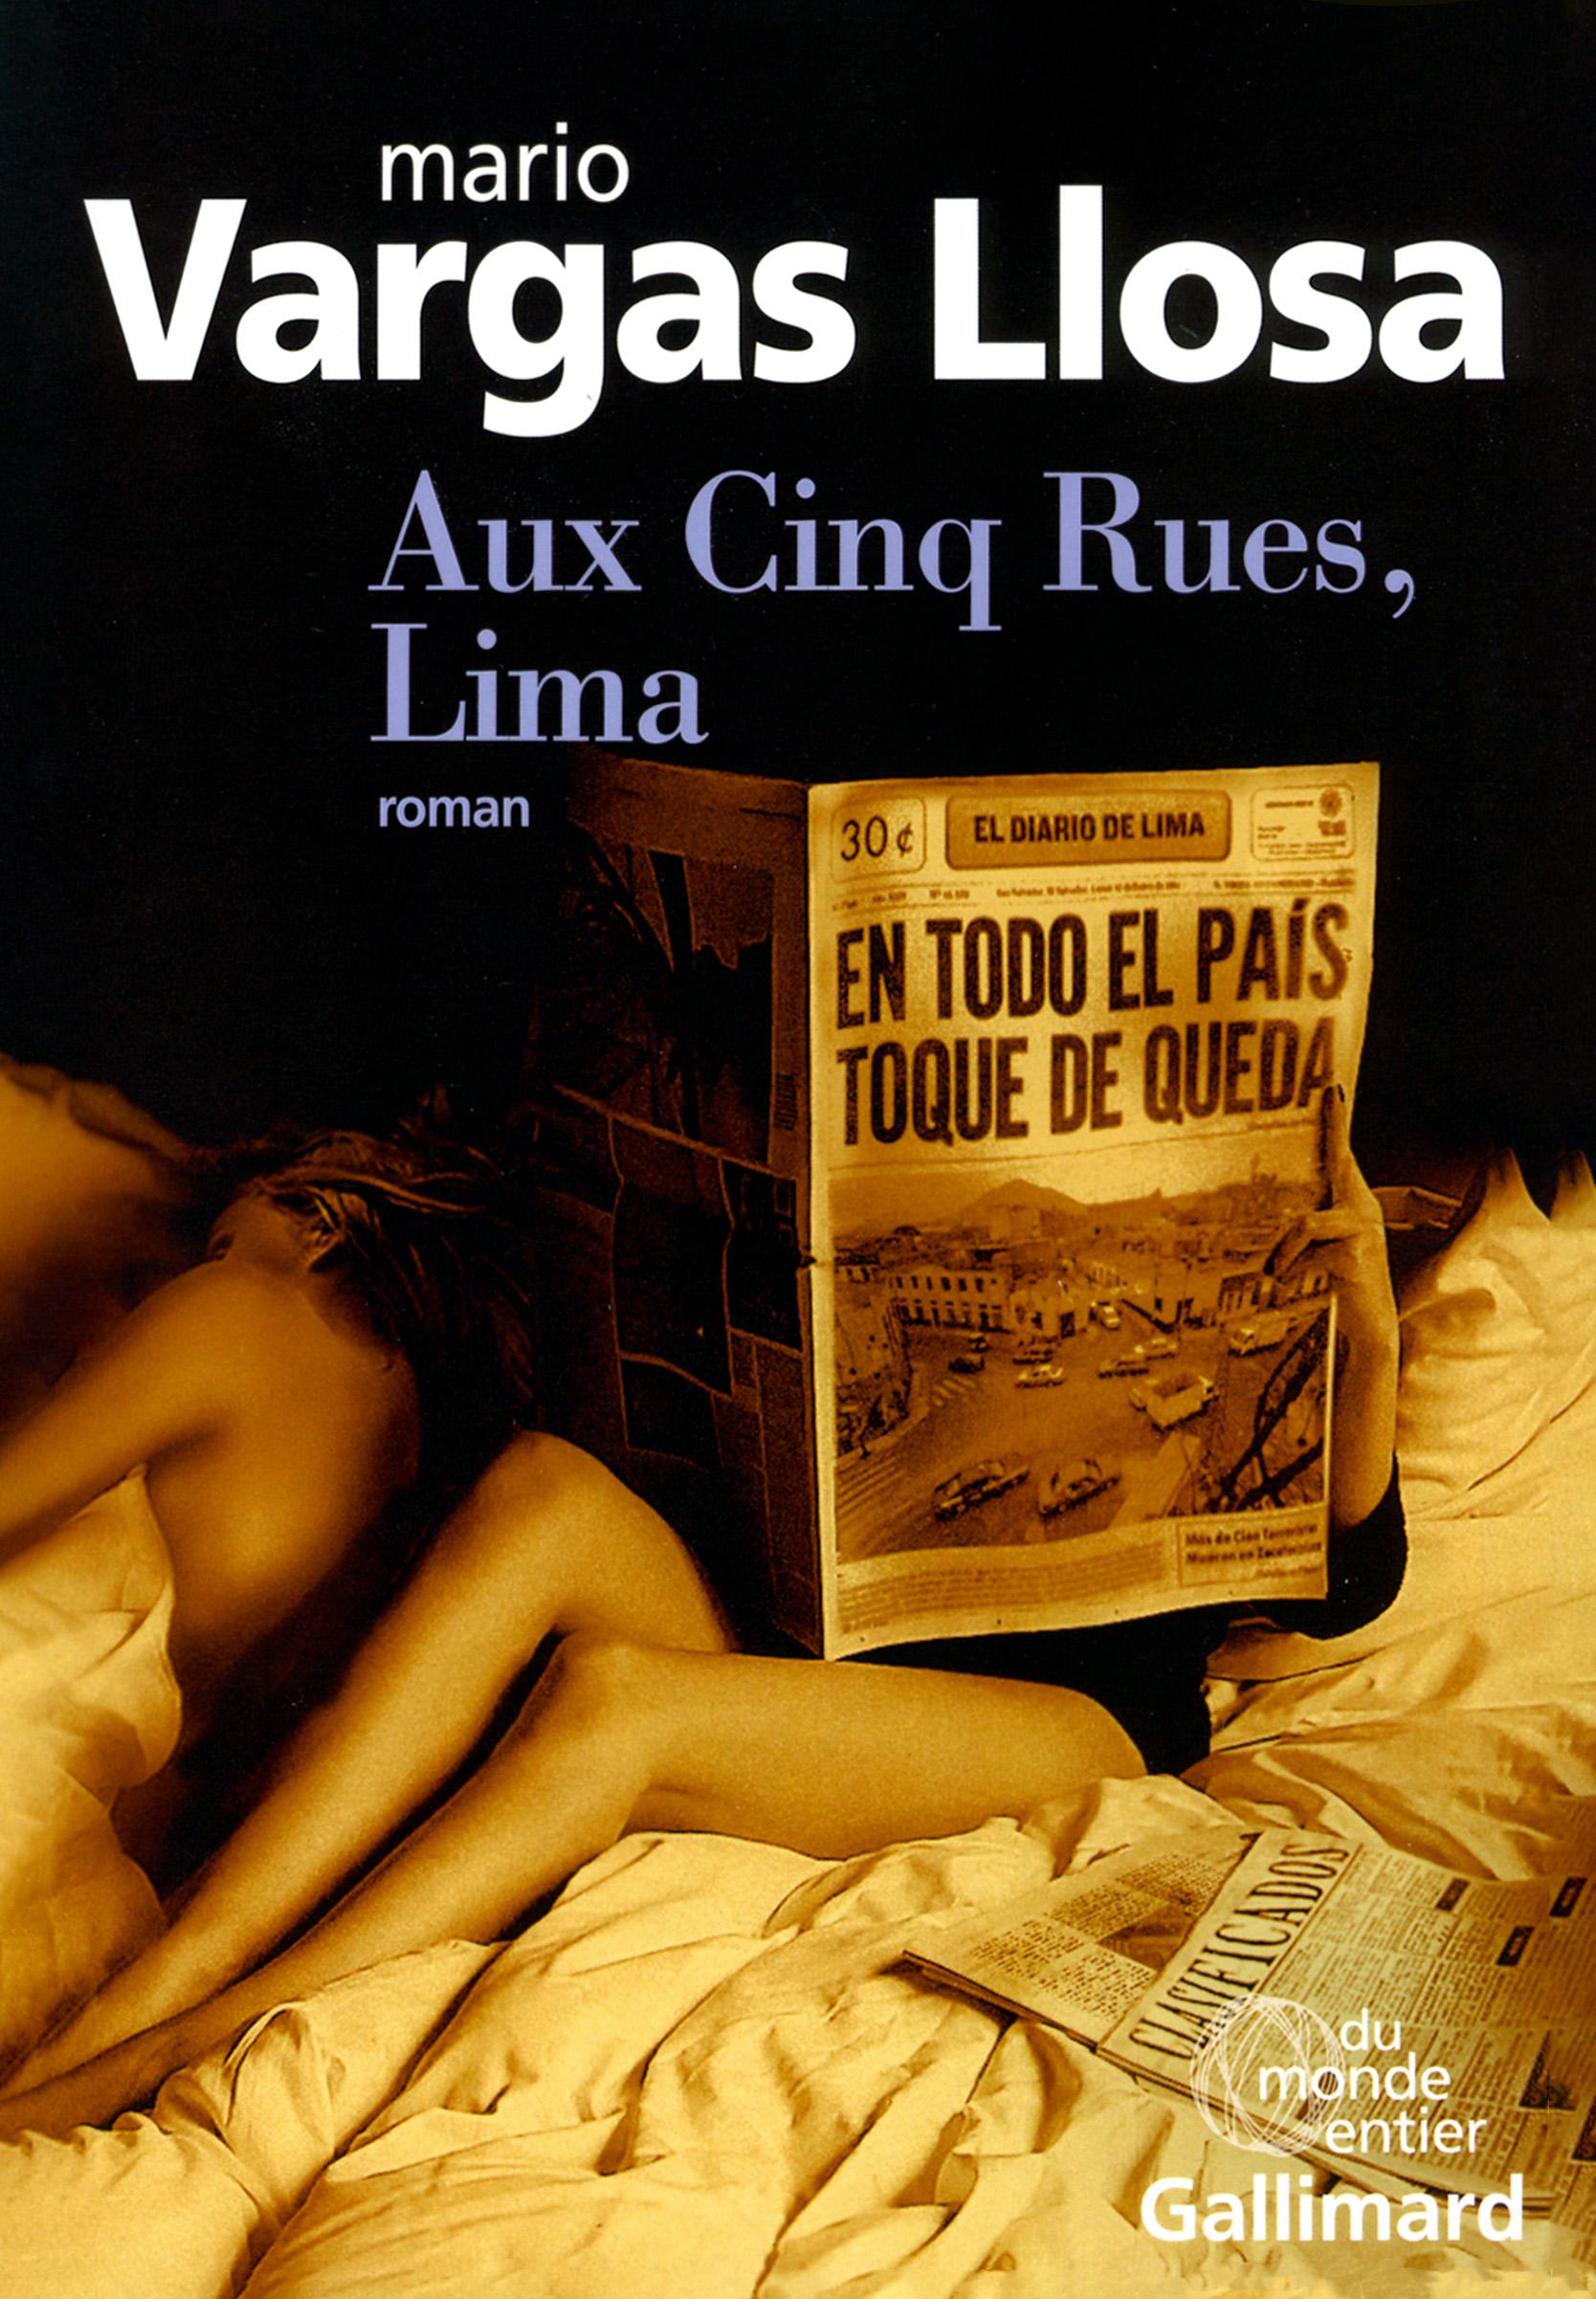 """Résultat de recherche d'images pour """"mario vargas llosa Aux Cinq Rues, Lima"""""""